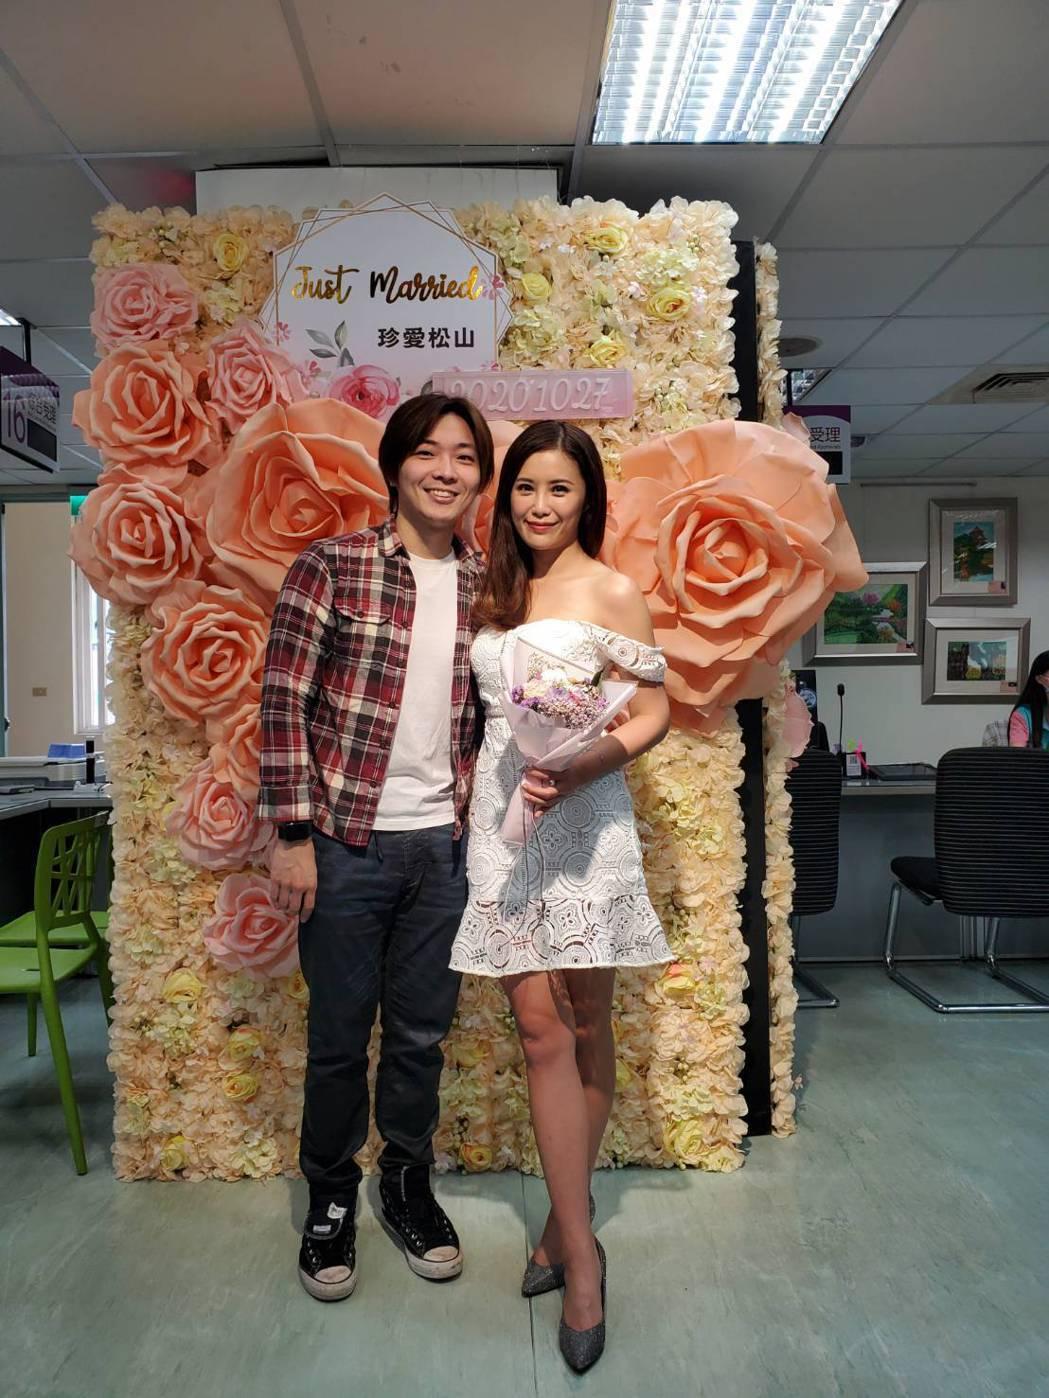 華視主播宋燕旻(右)和導演柯孟融去年10月登記結婚。圖/宋燕旻提供